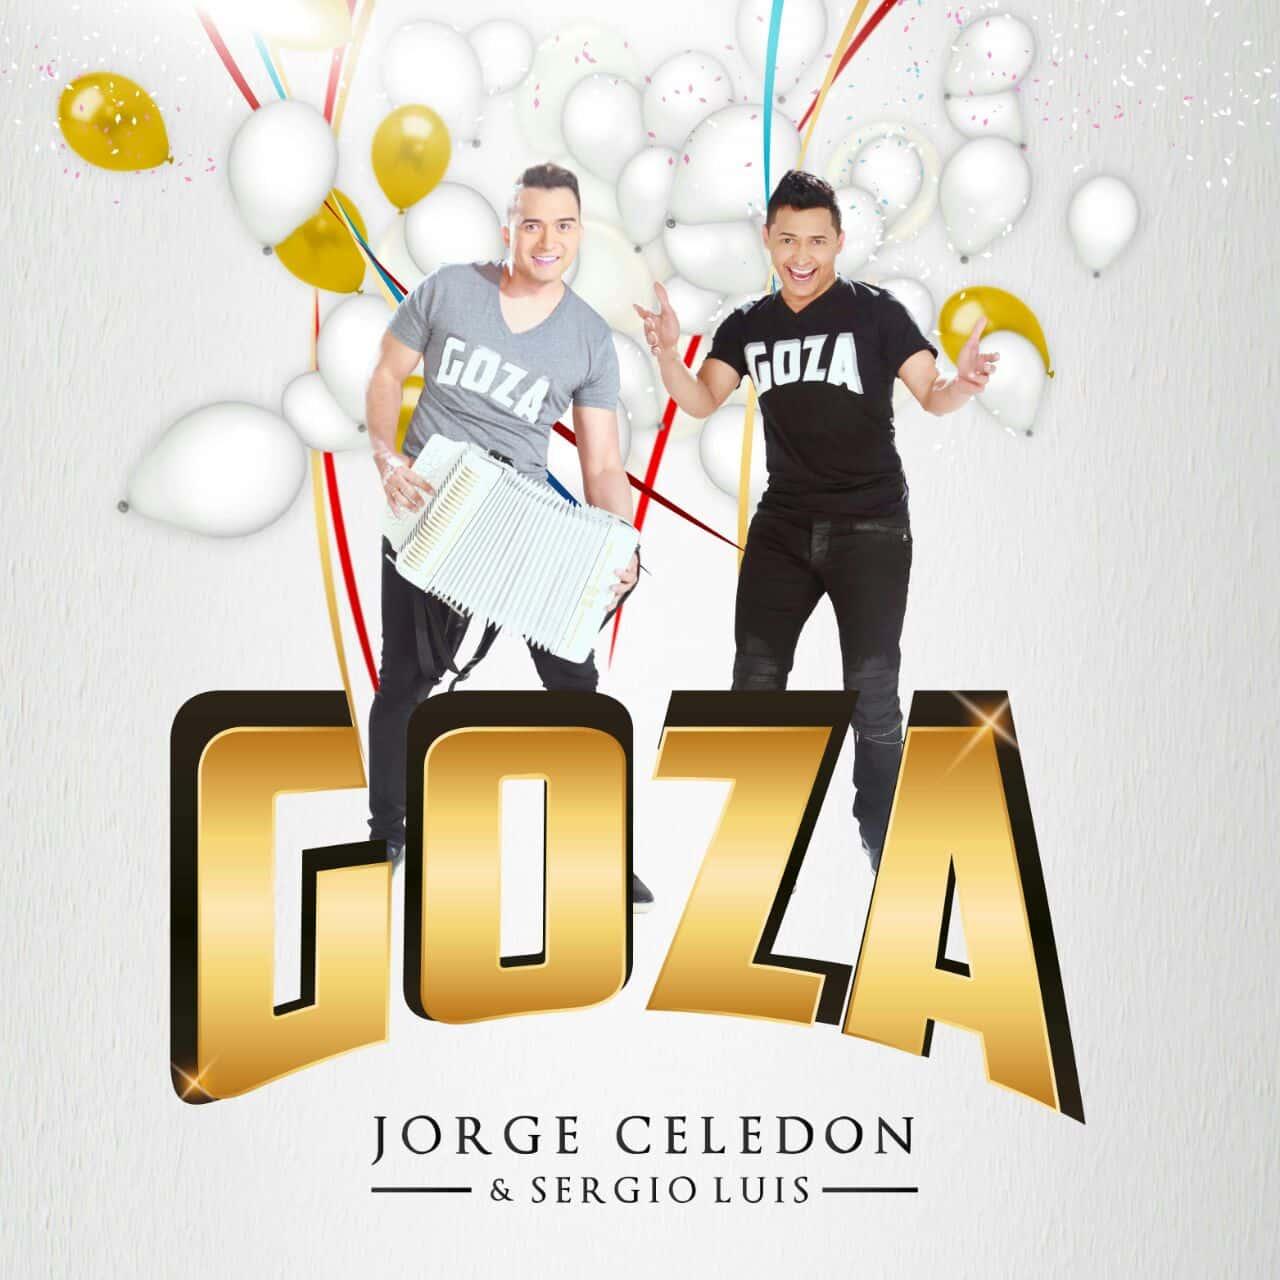 Goza Jorge Celedon